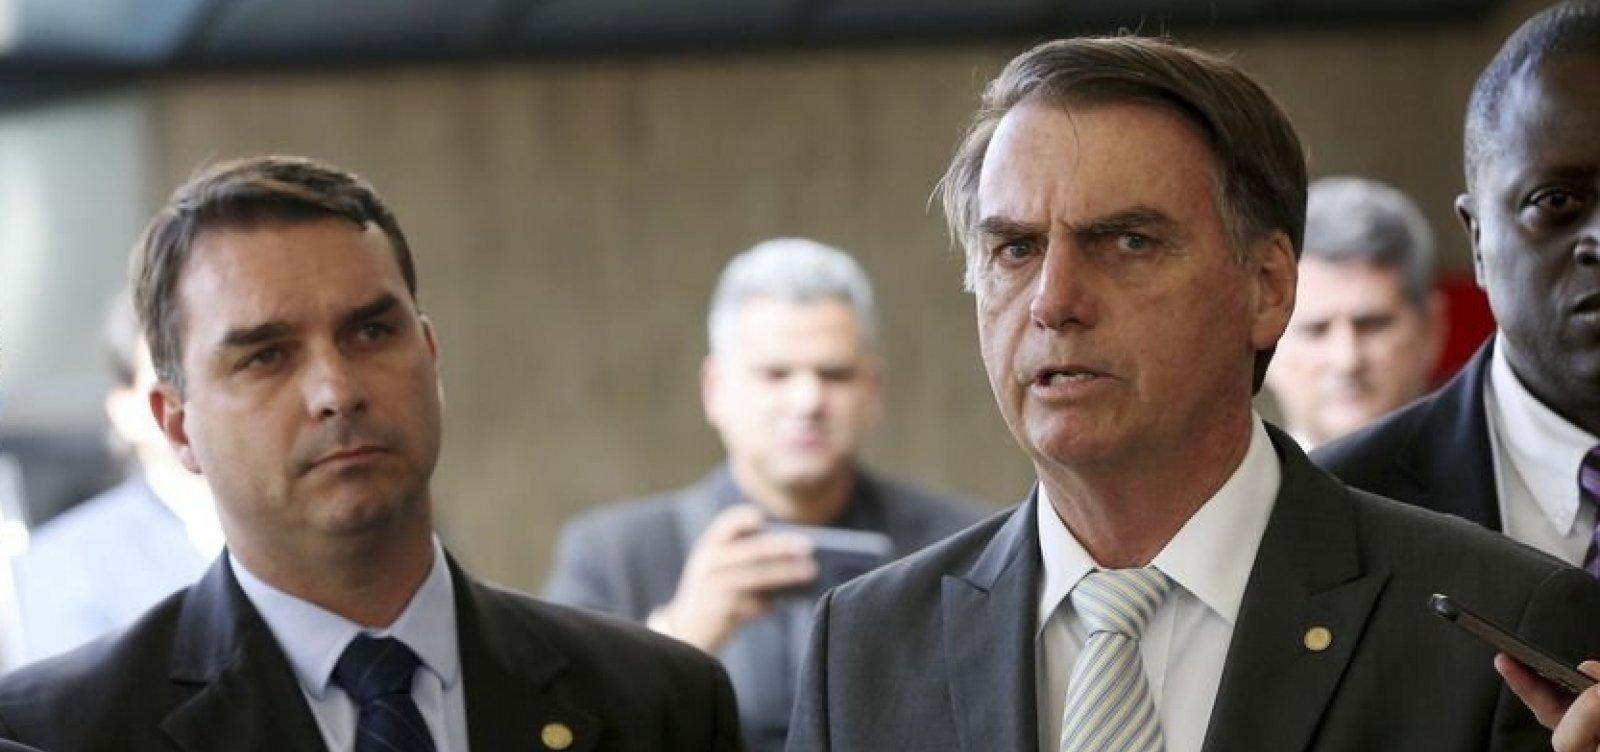 [PT quer incluir aditivos no pedido de investigação de filho e esposa de Bolsonaro, diz coluna]